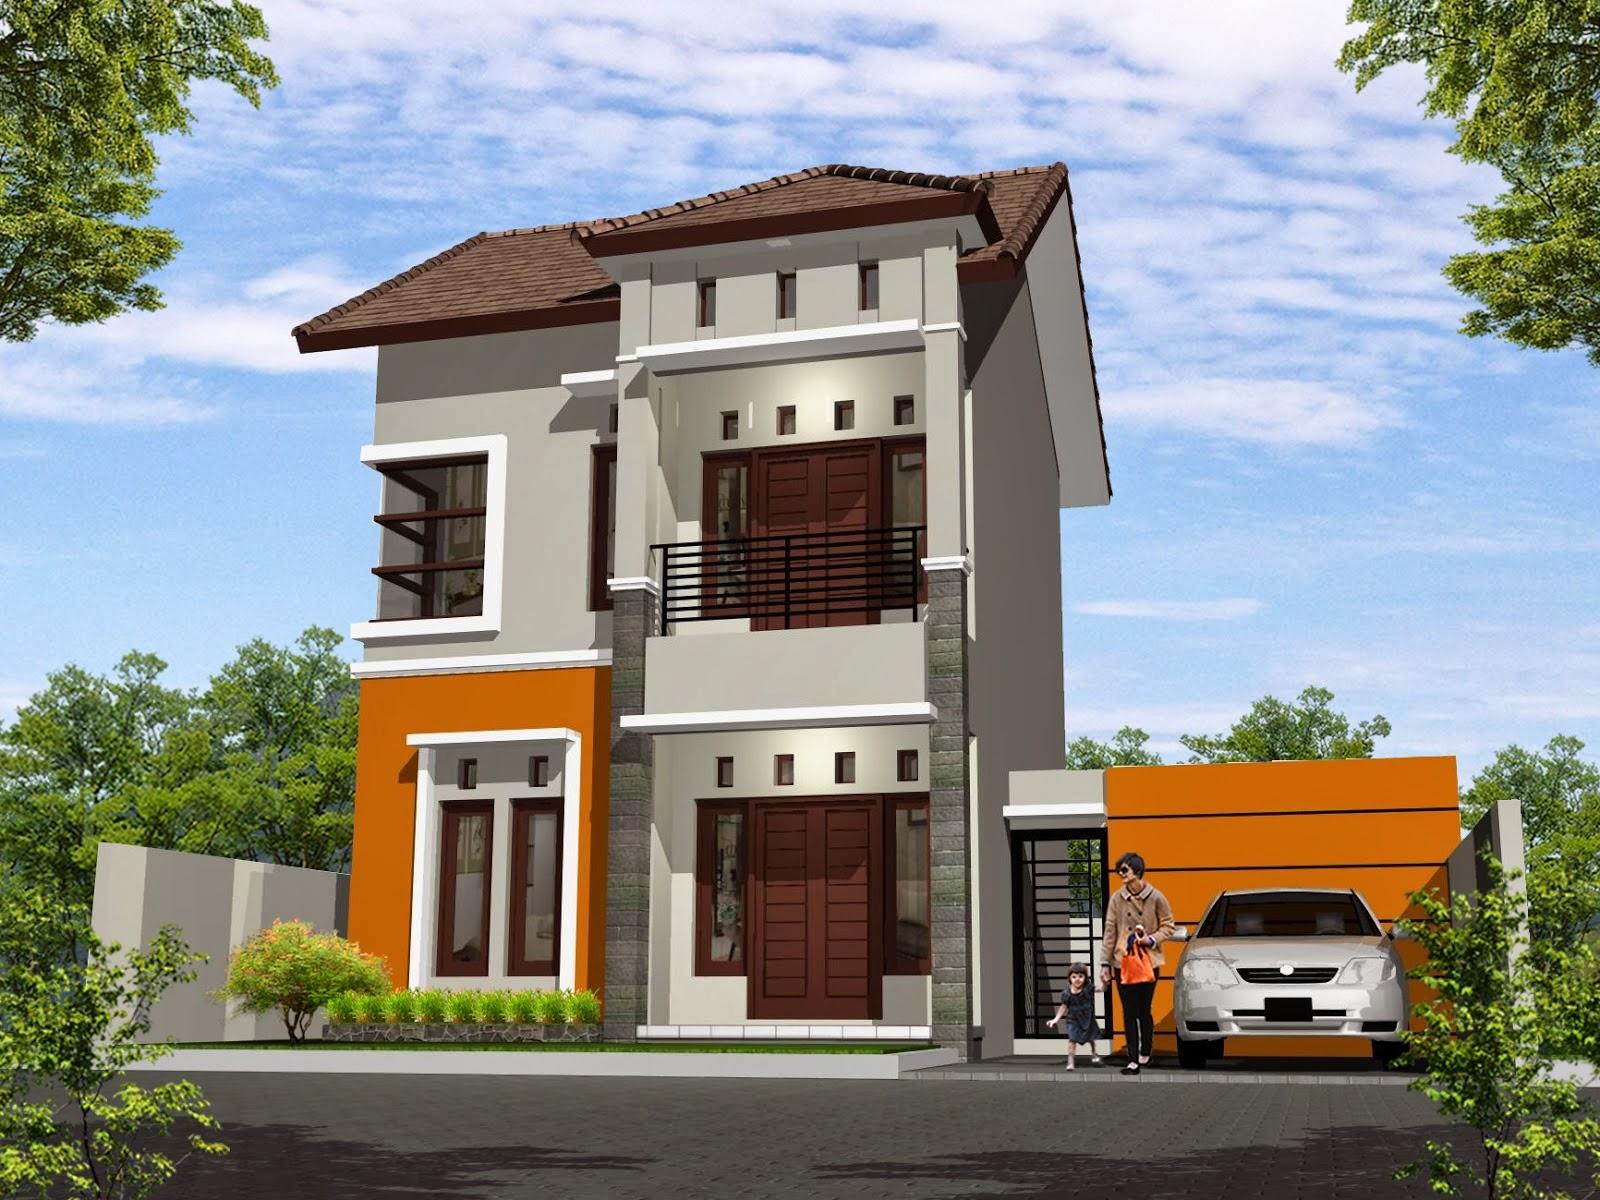 rumah model minimalis 2014